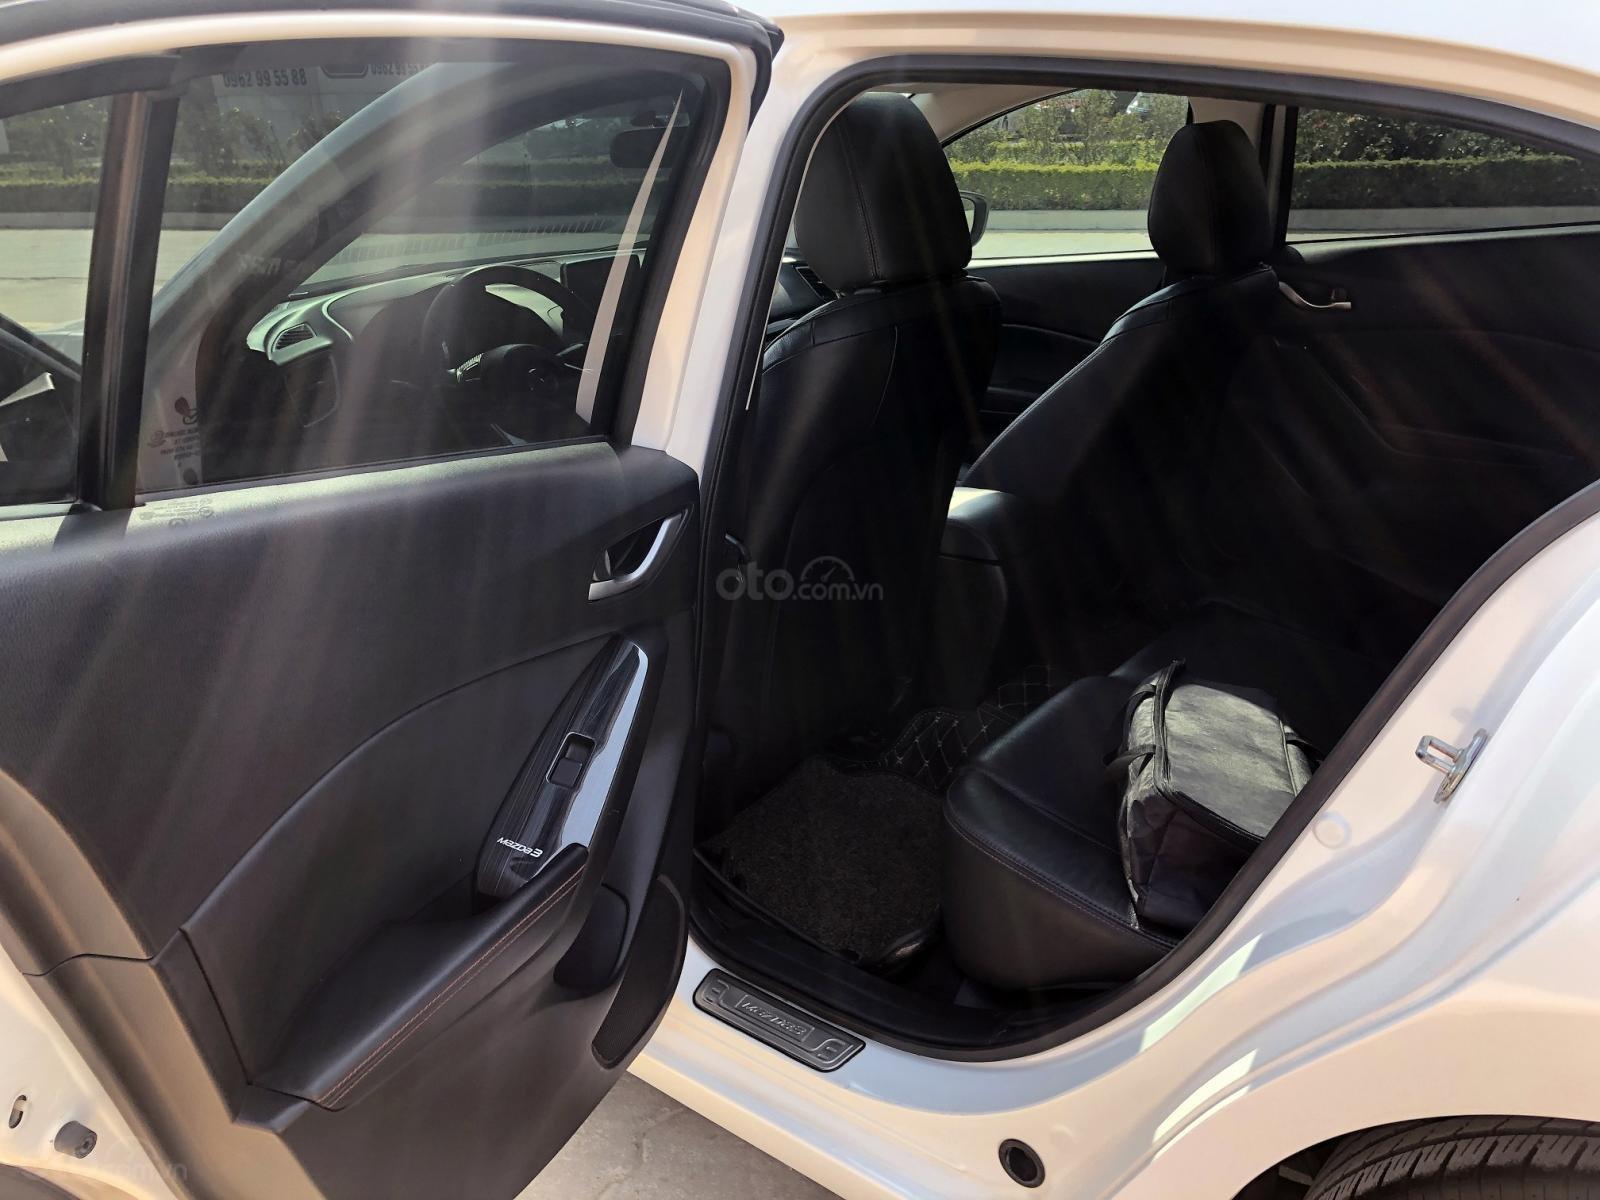 Bán xe Mazda 3 1.5 Hatchback AT năm sản xuất 2016, màu trắng (7)